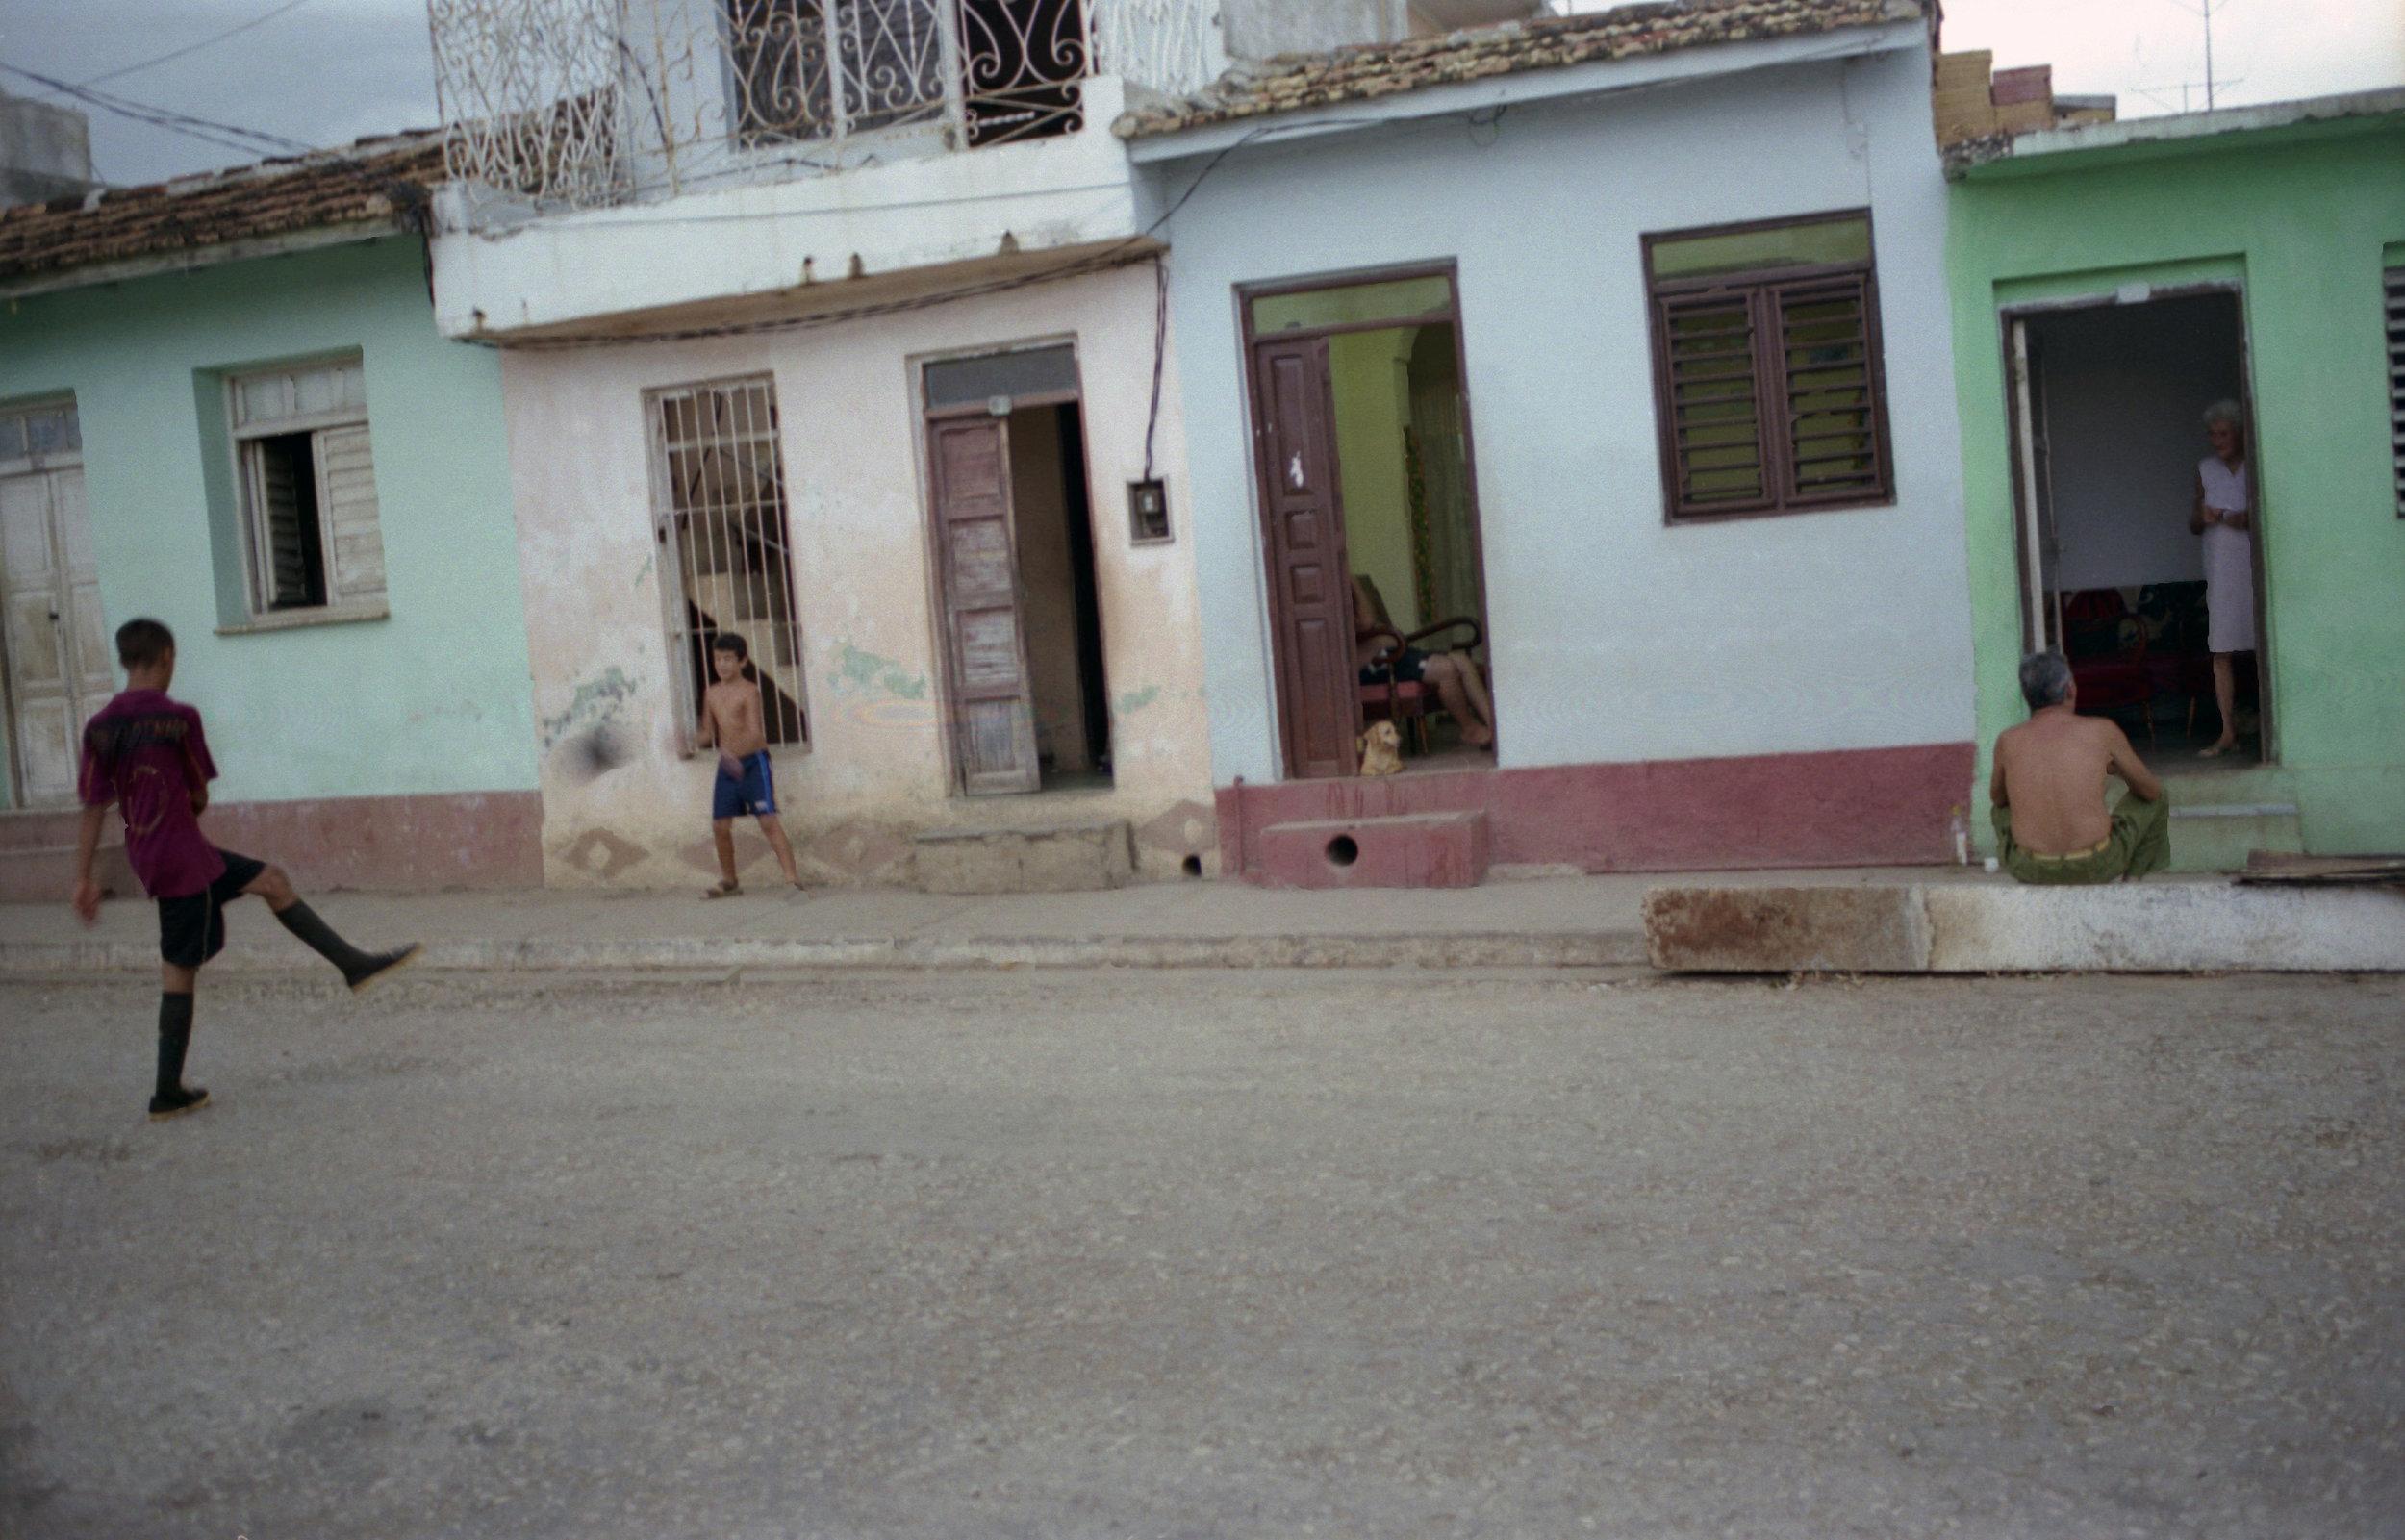 Cuba Doorways_2008_0009.jpg